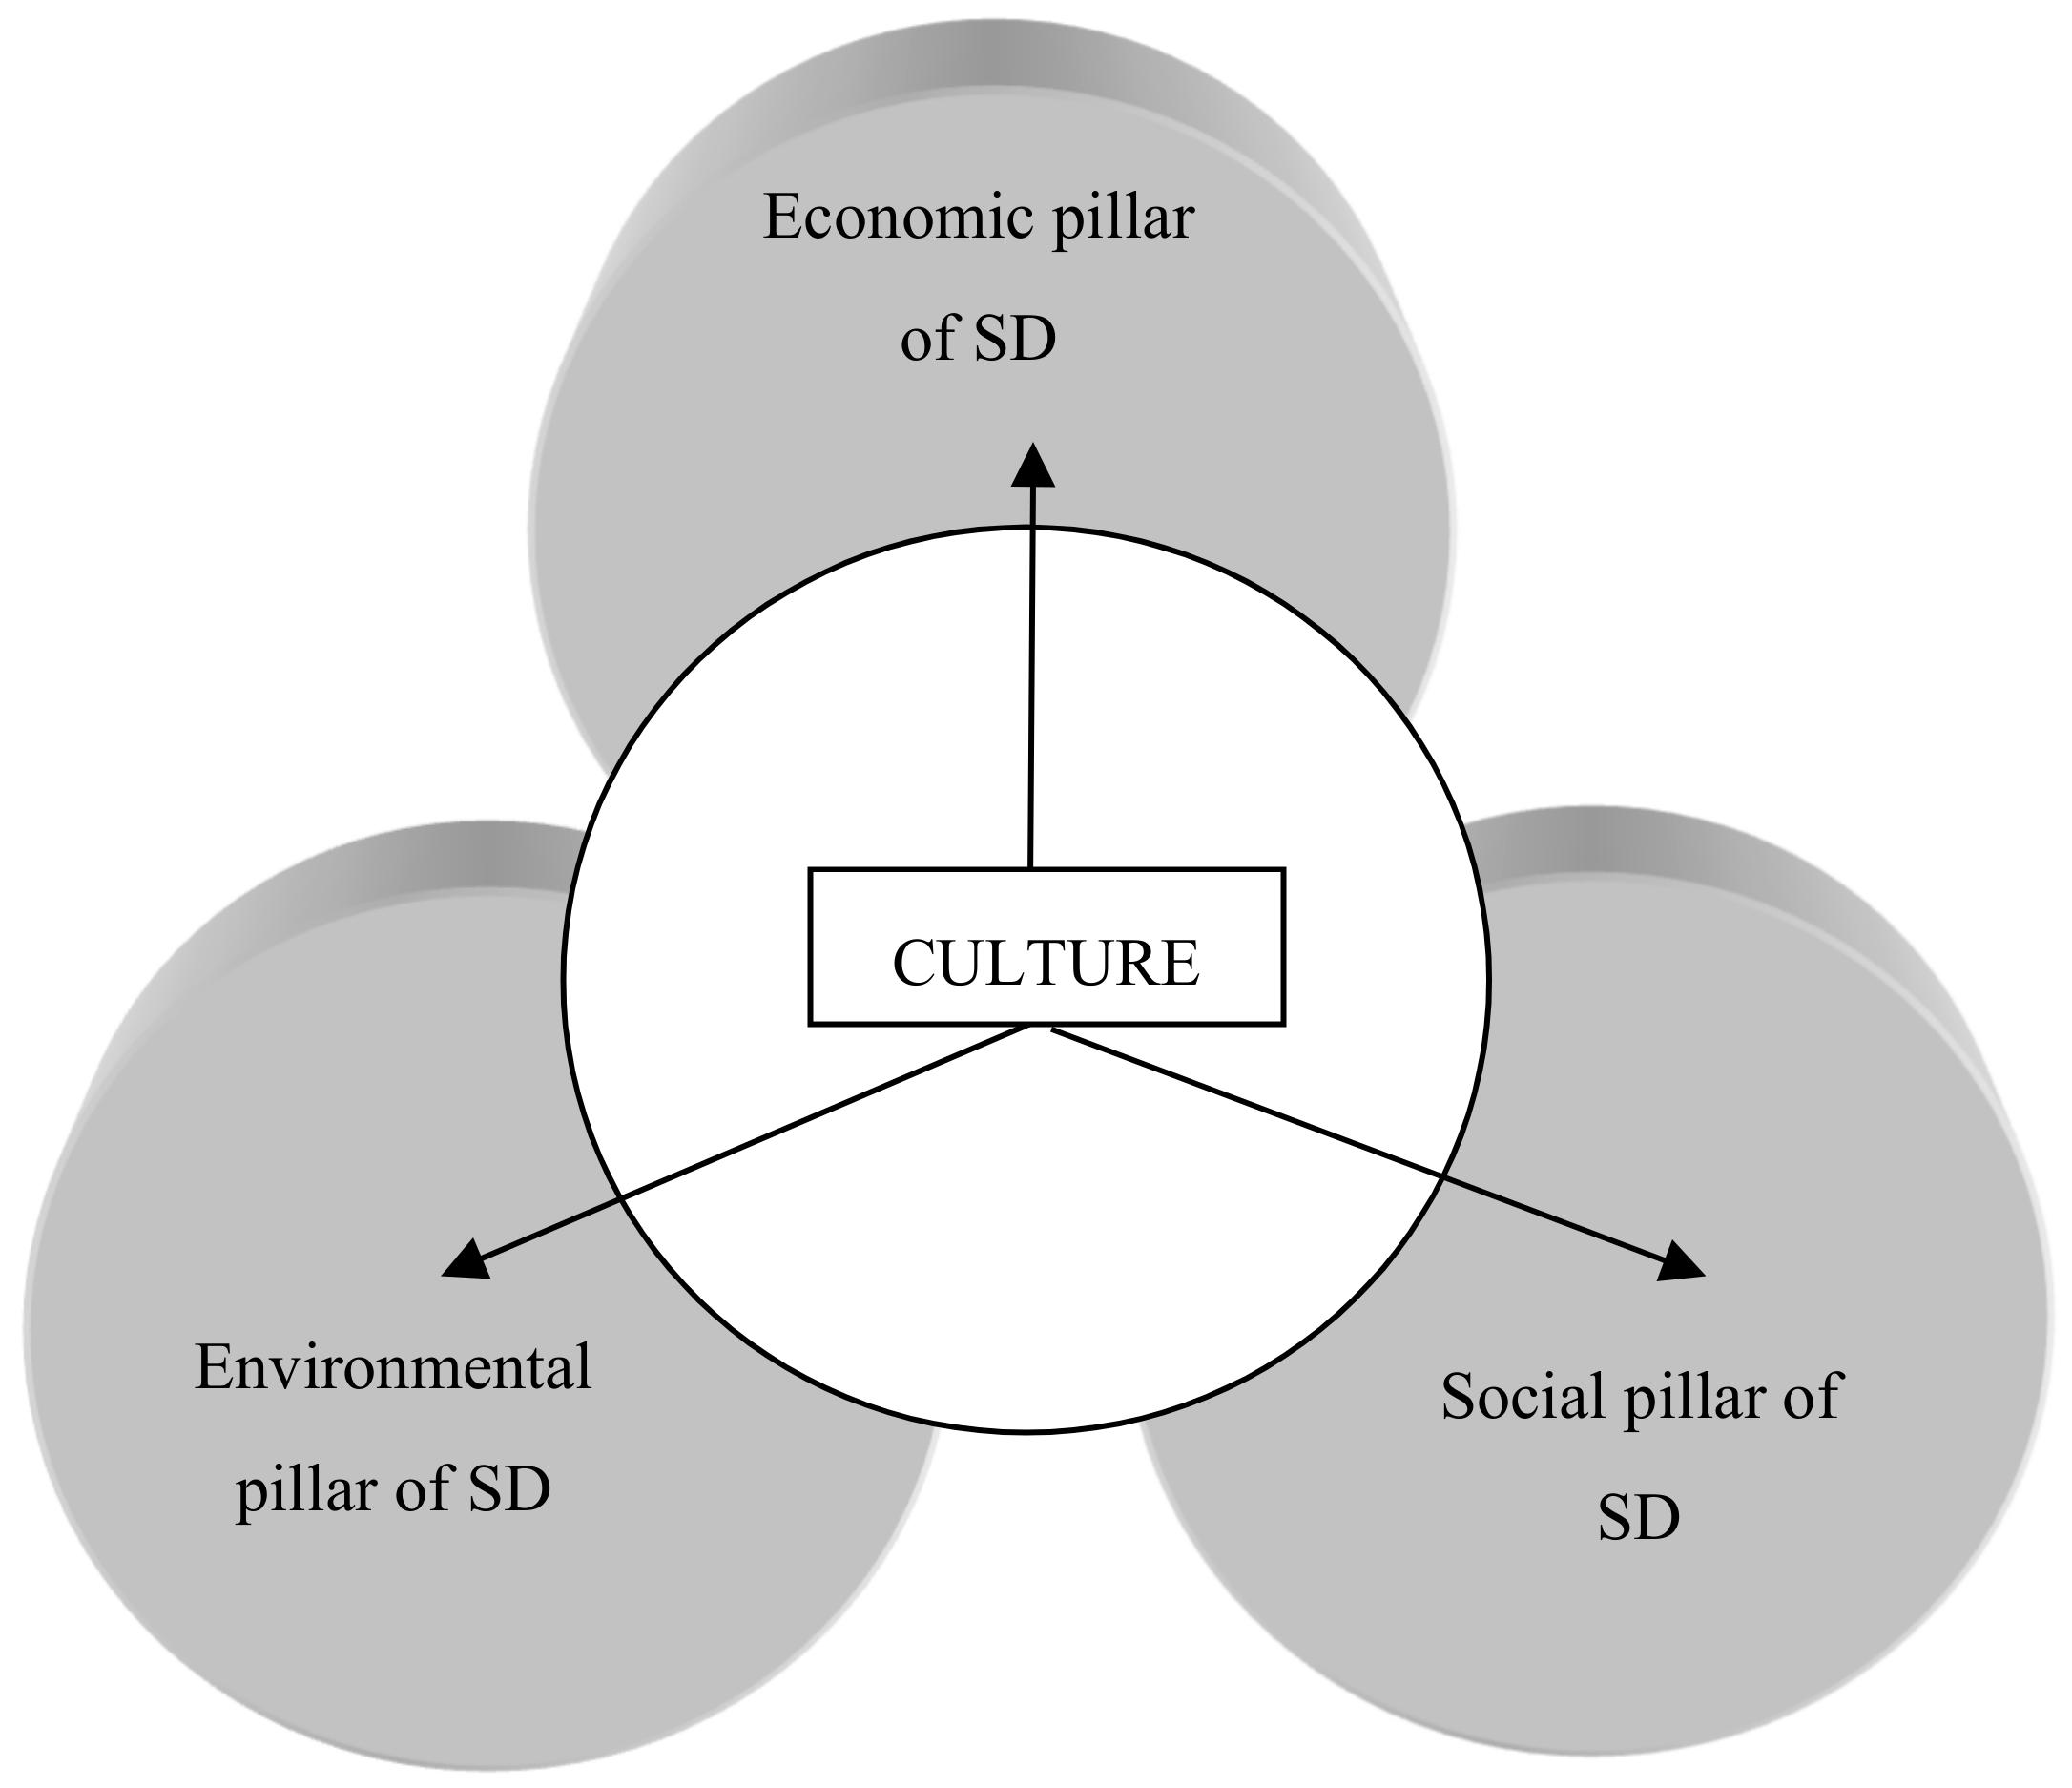 sustainability-11-06437-g002